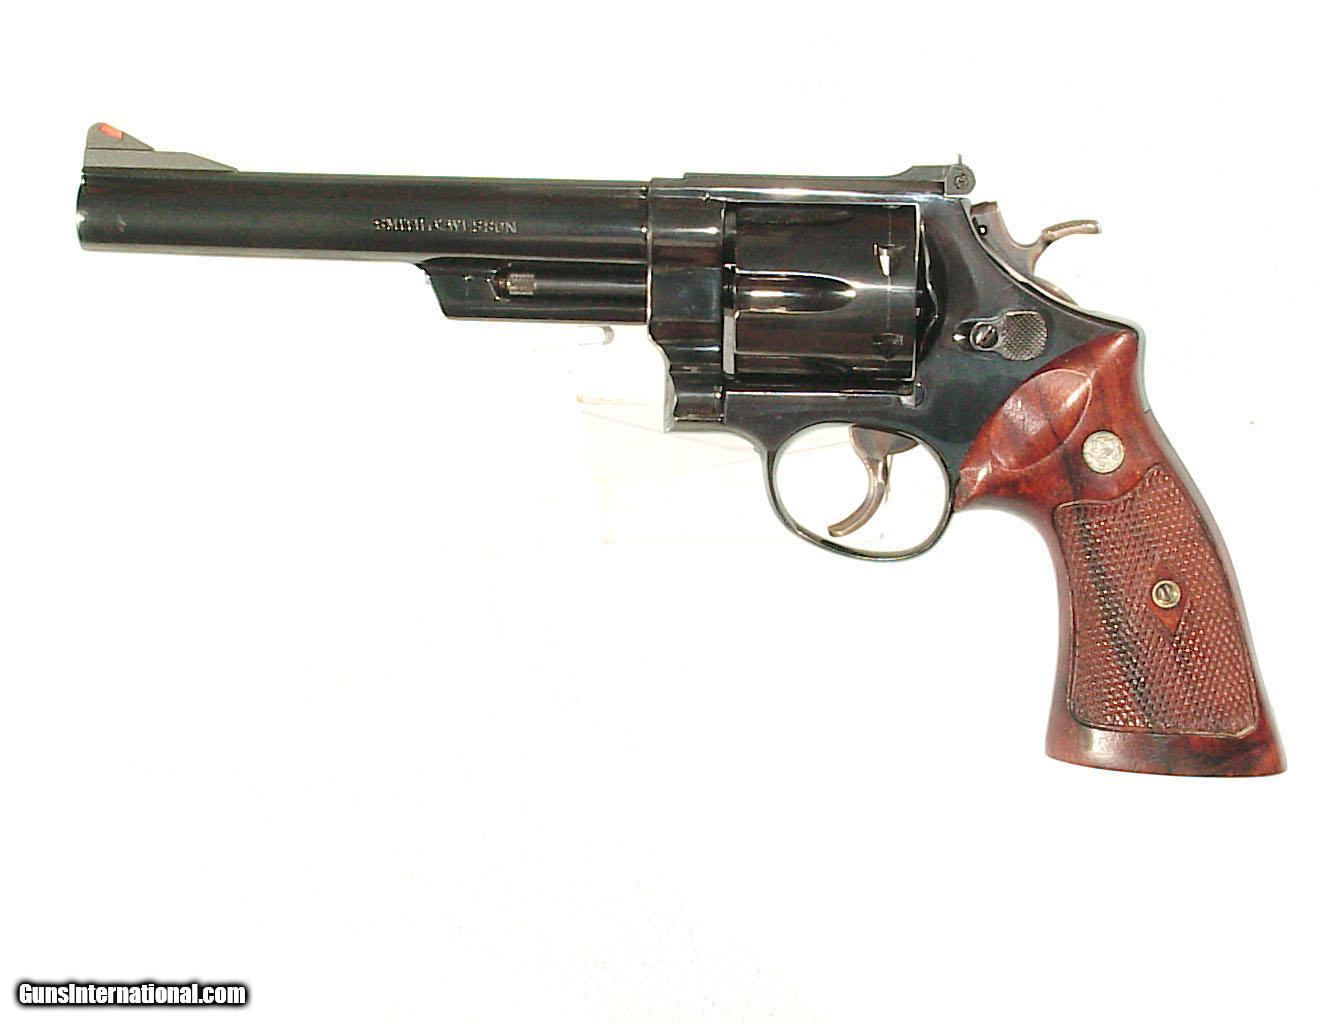 s w 44 magnum pre model 29 revolver. Black Bedroom Furniture Sets. Home Design Ideas